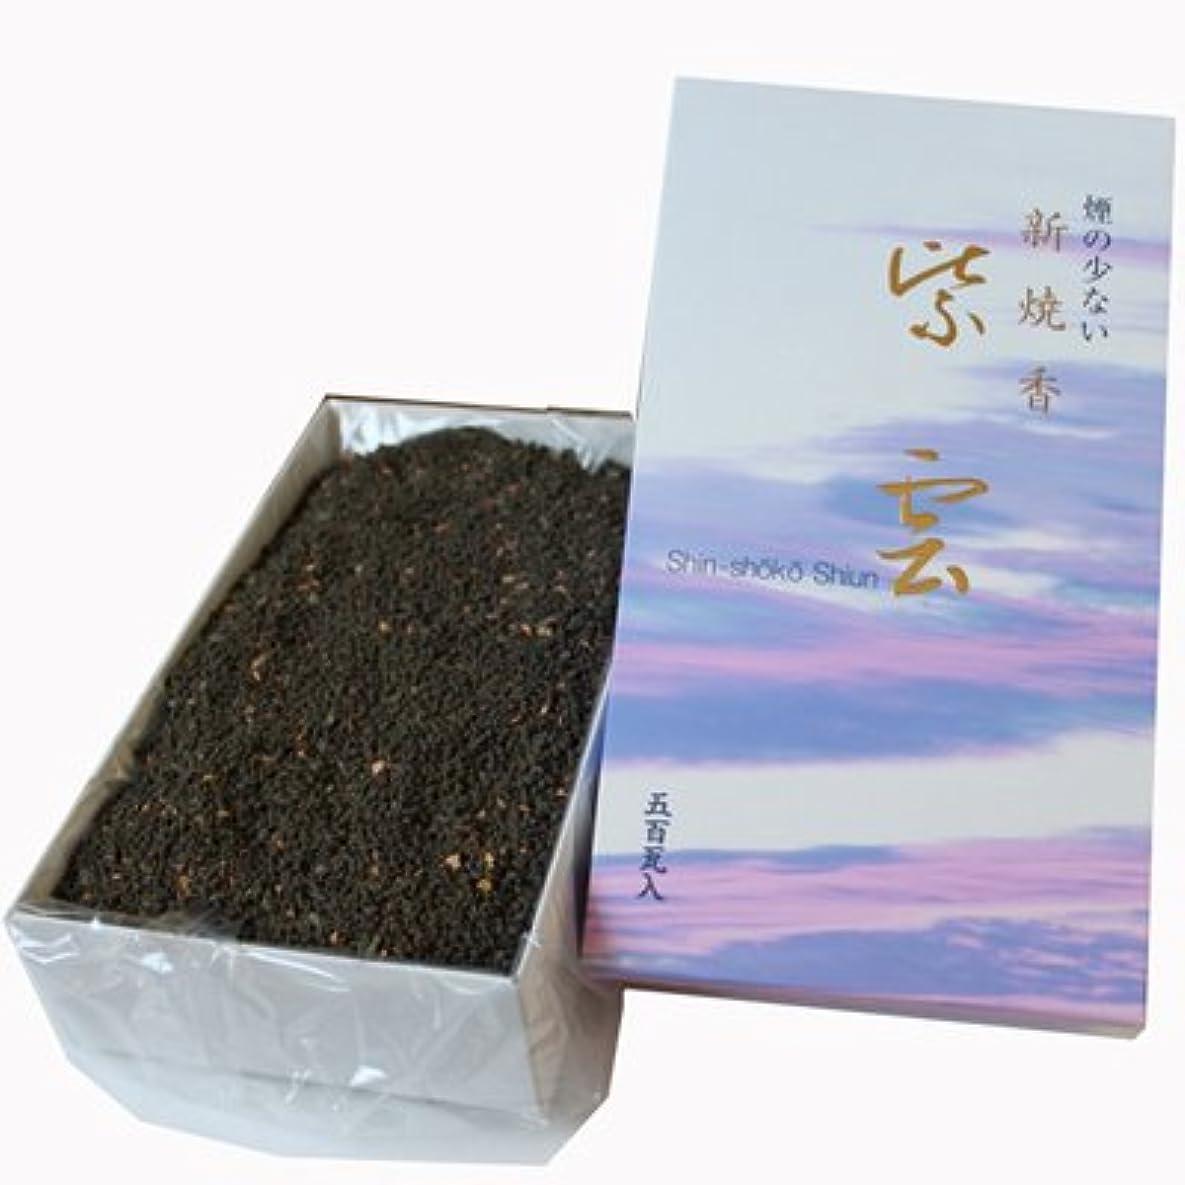 コンパニオンバリケードドキドキ少煙焼香 紫雲500g箱入り  抹香